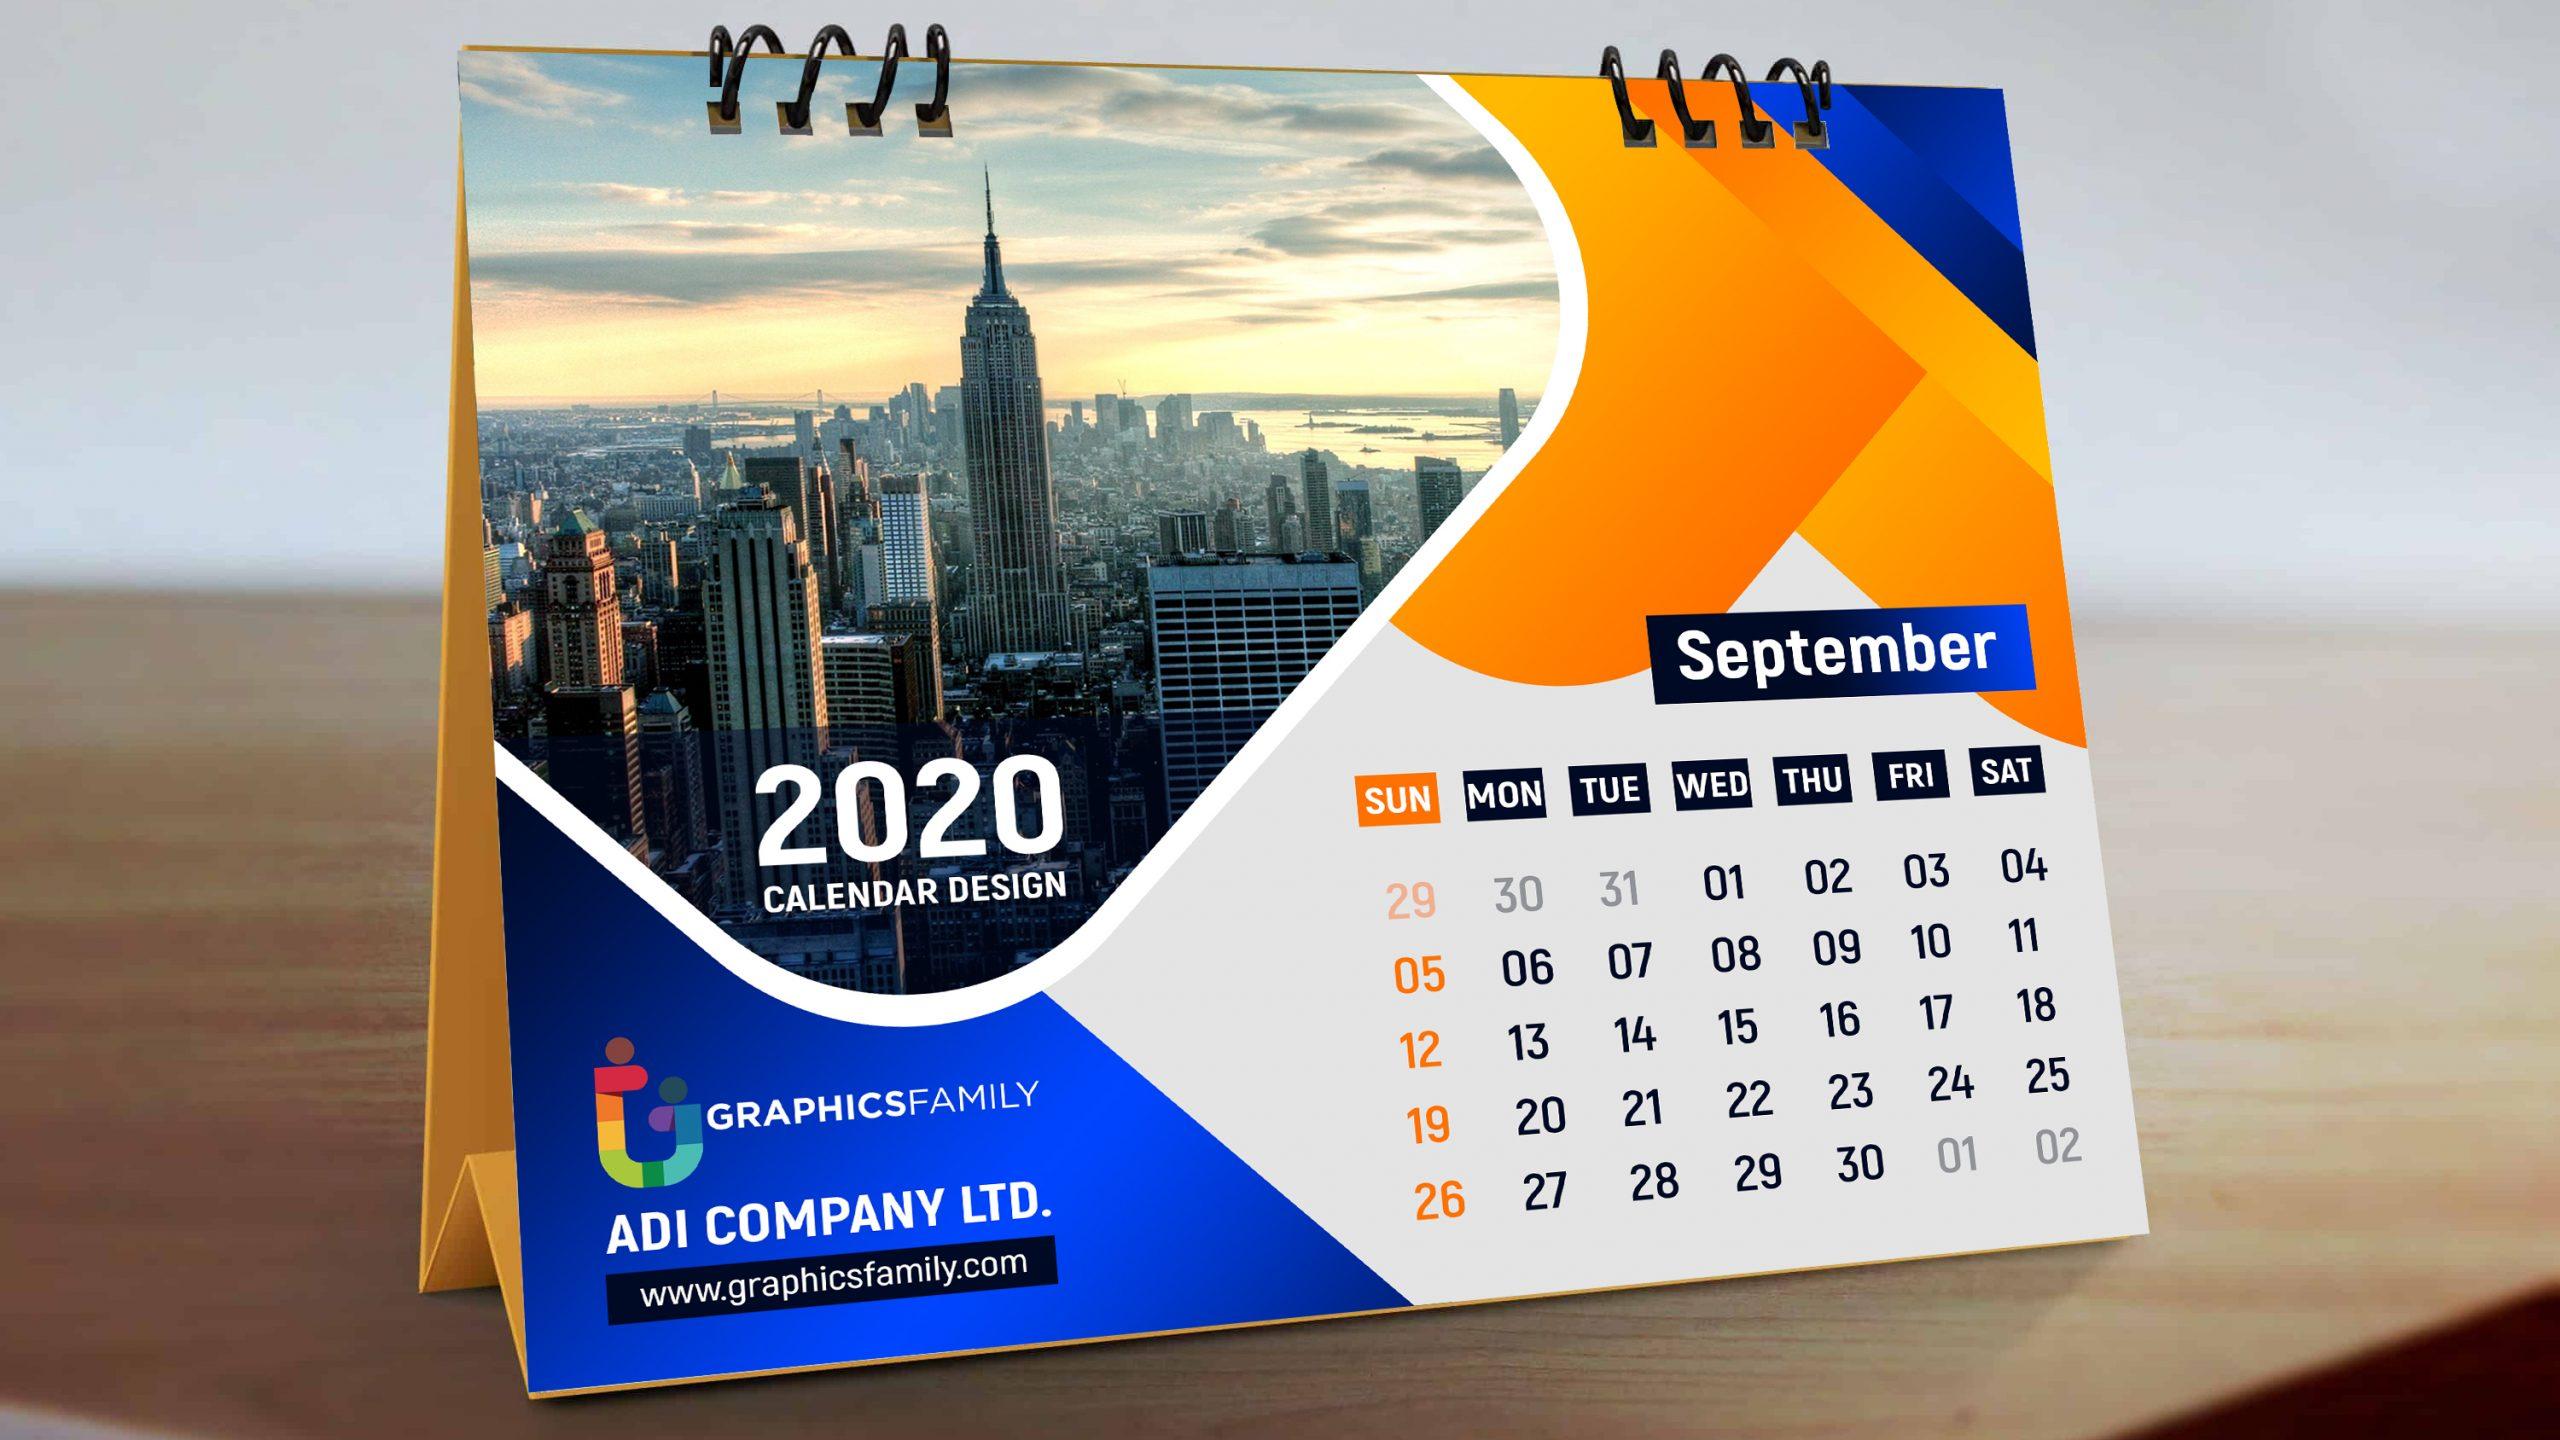 Calendar design in Photoshop